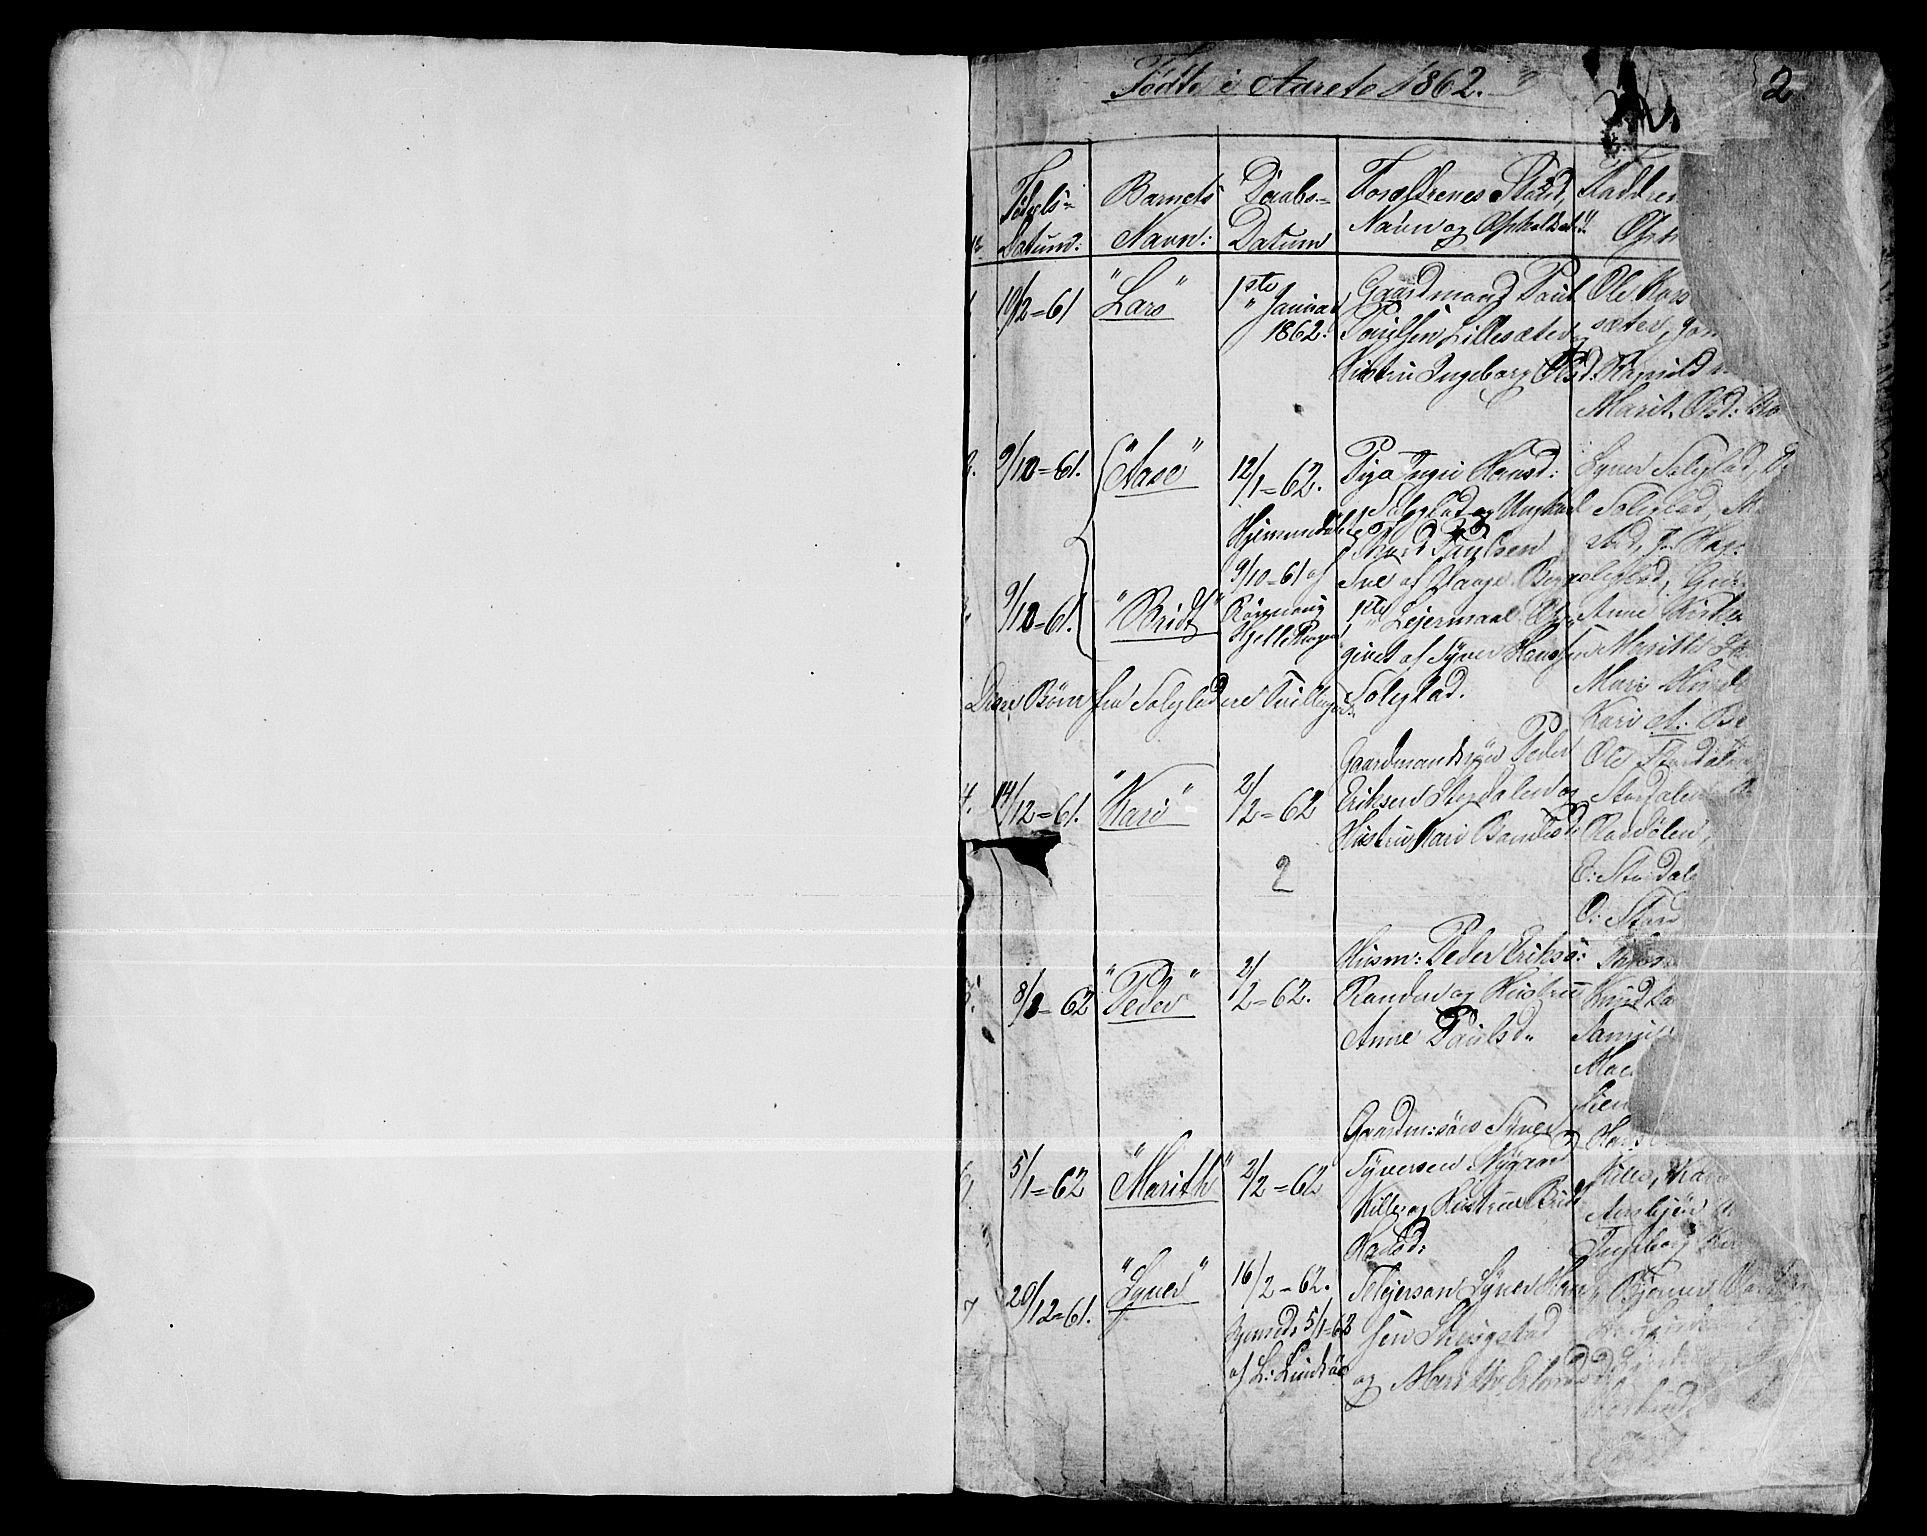 SAH, Dovre prestekontor, Klokkerbok nr. 1, 1862-1880, s. 2